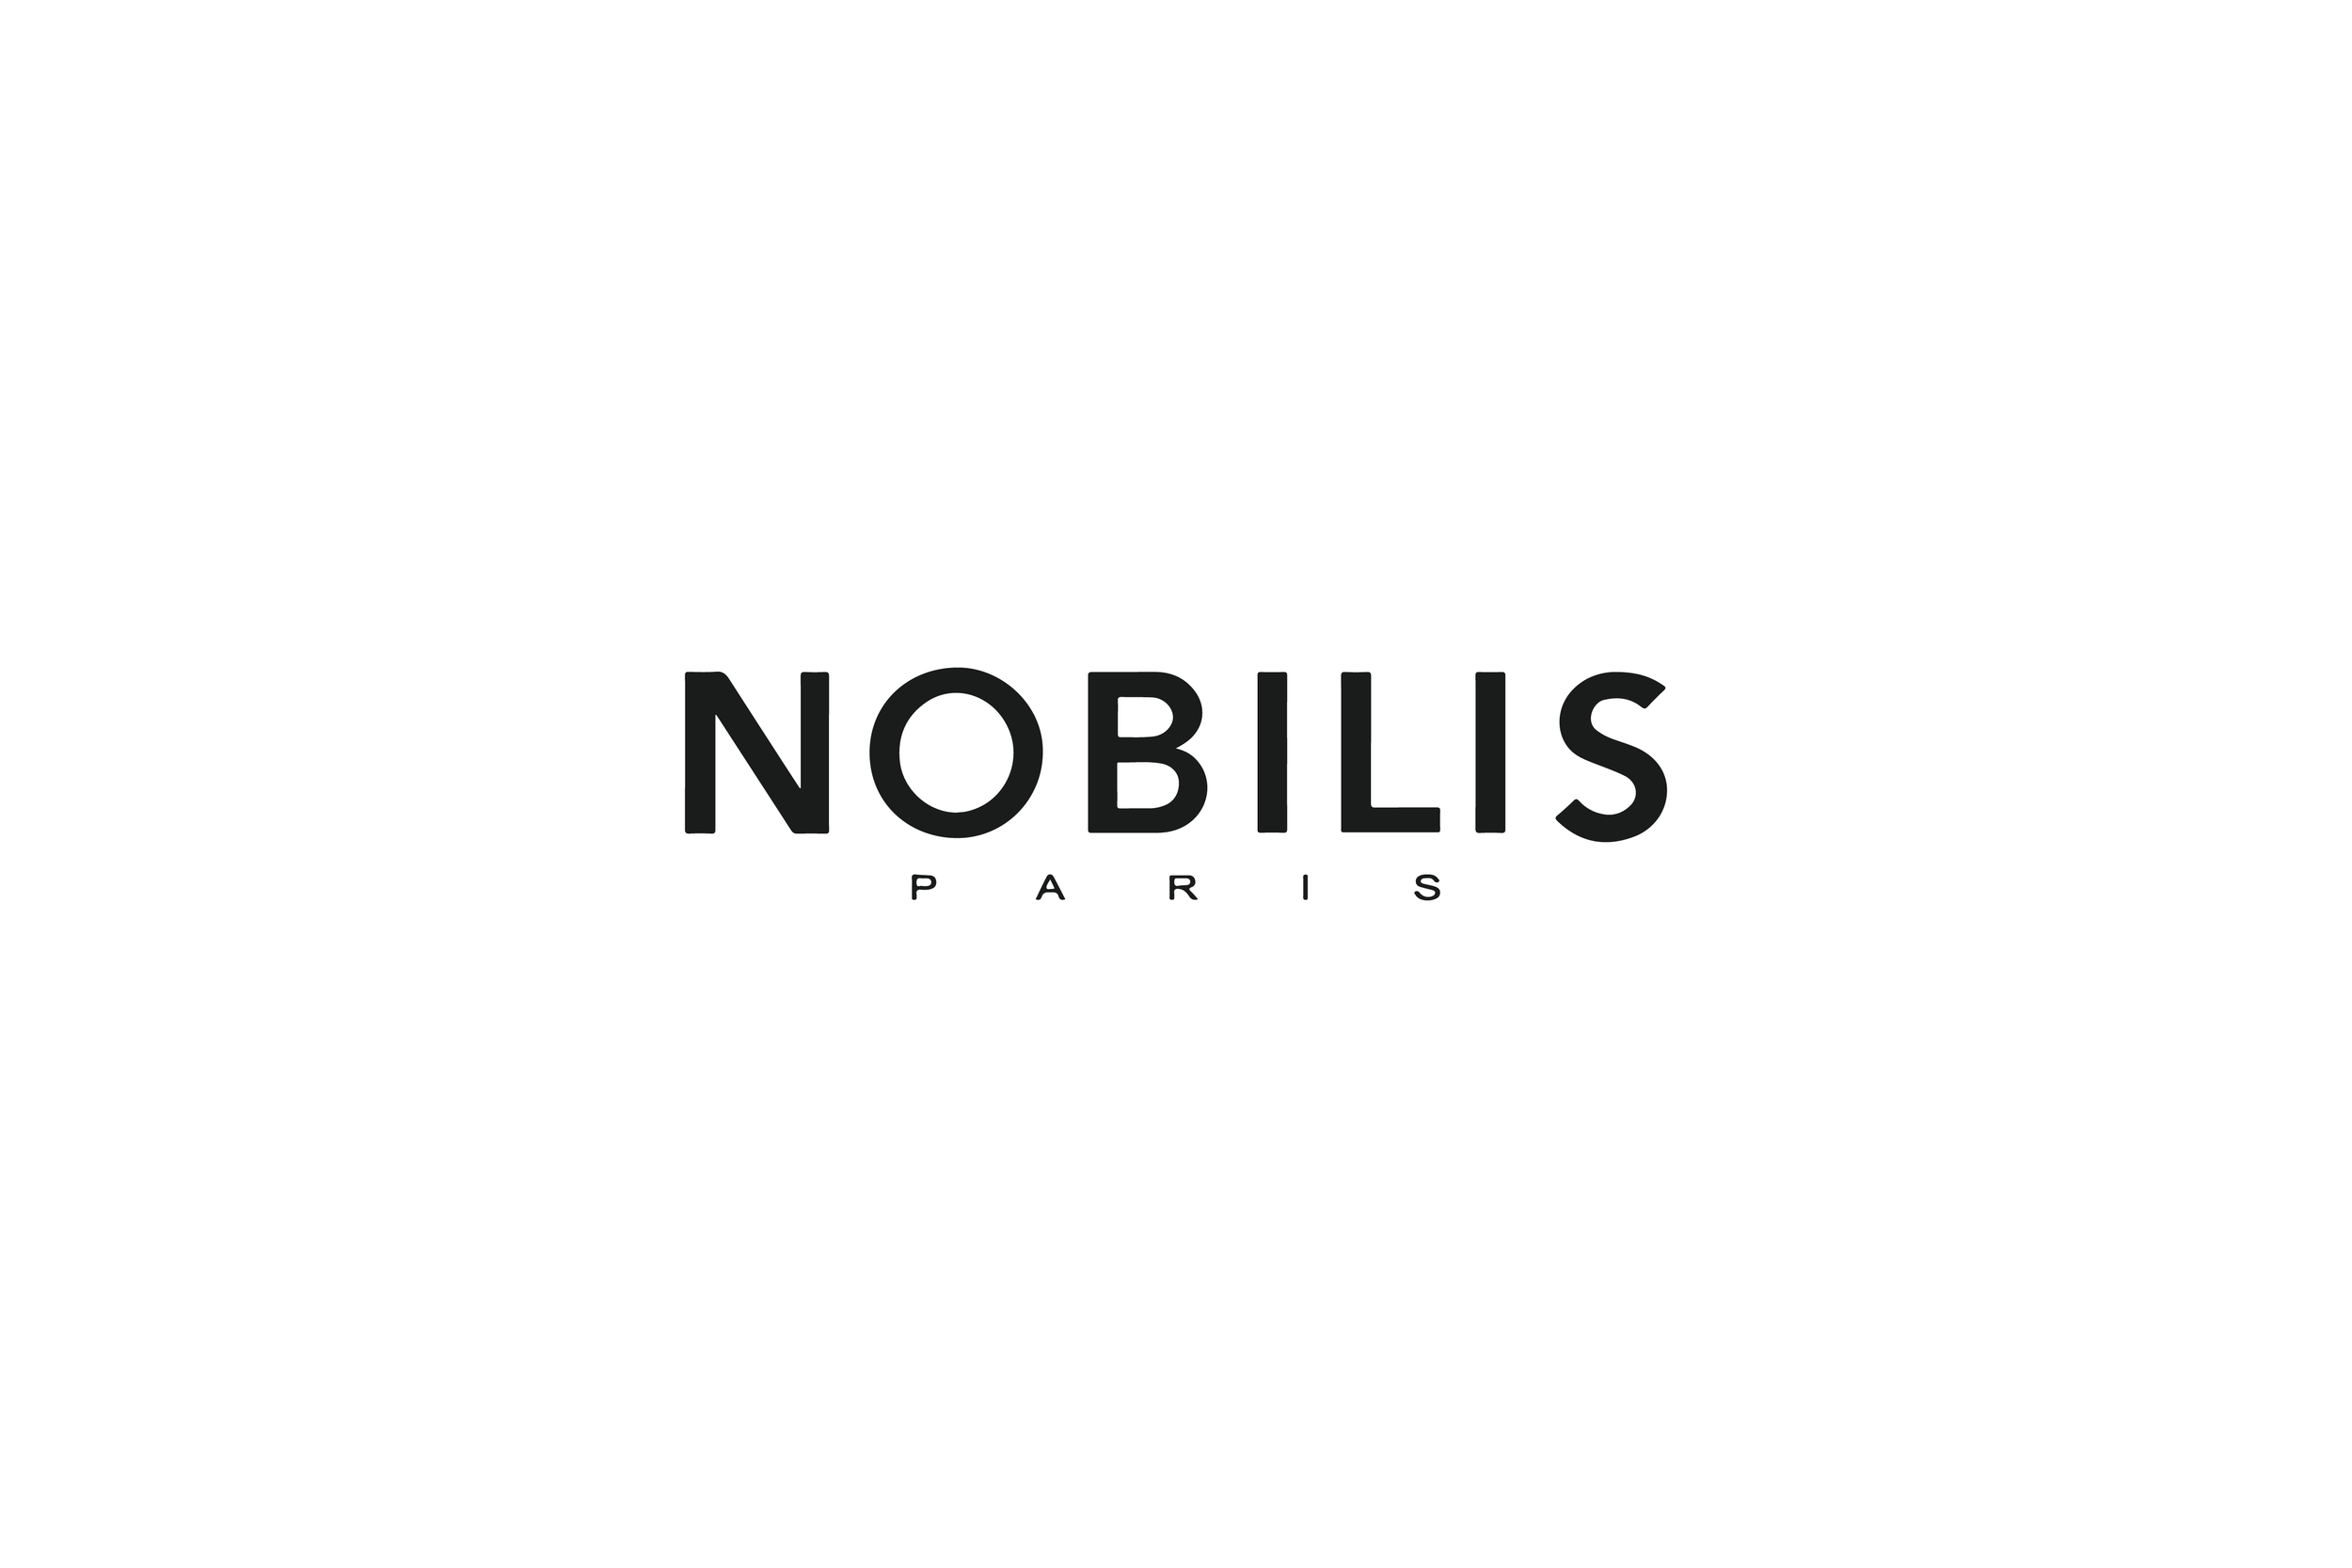 Nobills-01.png